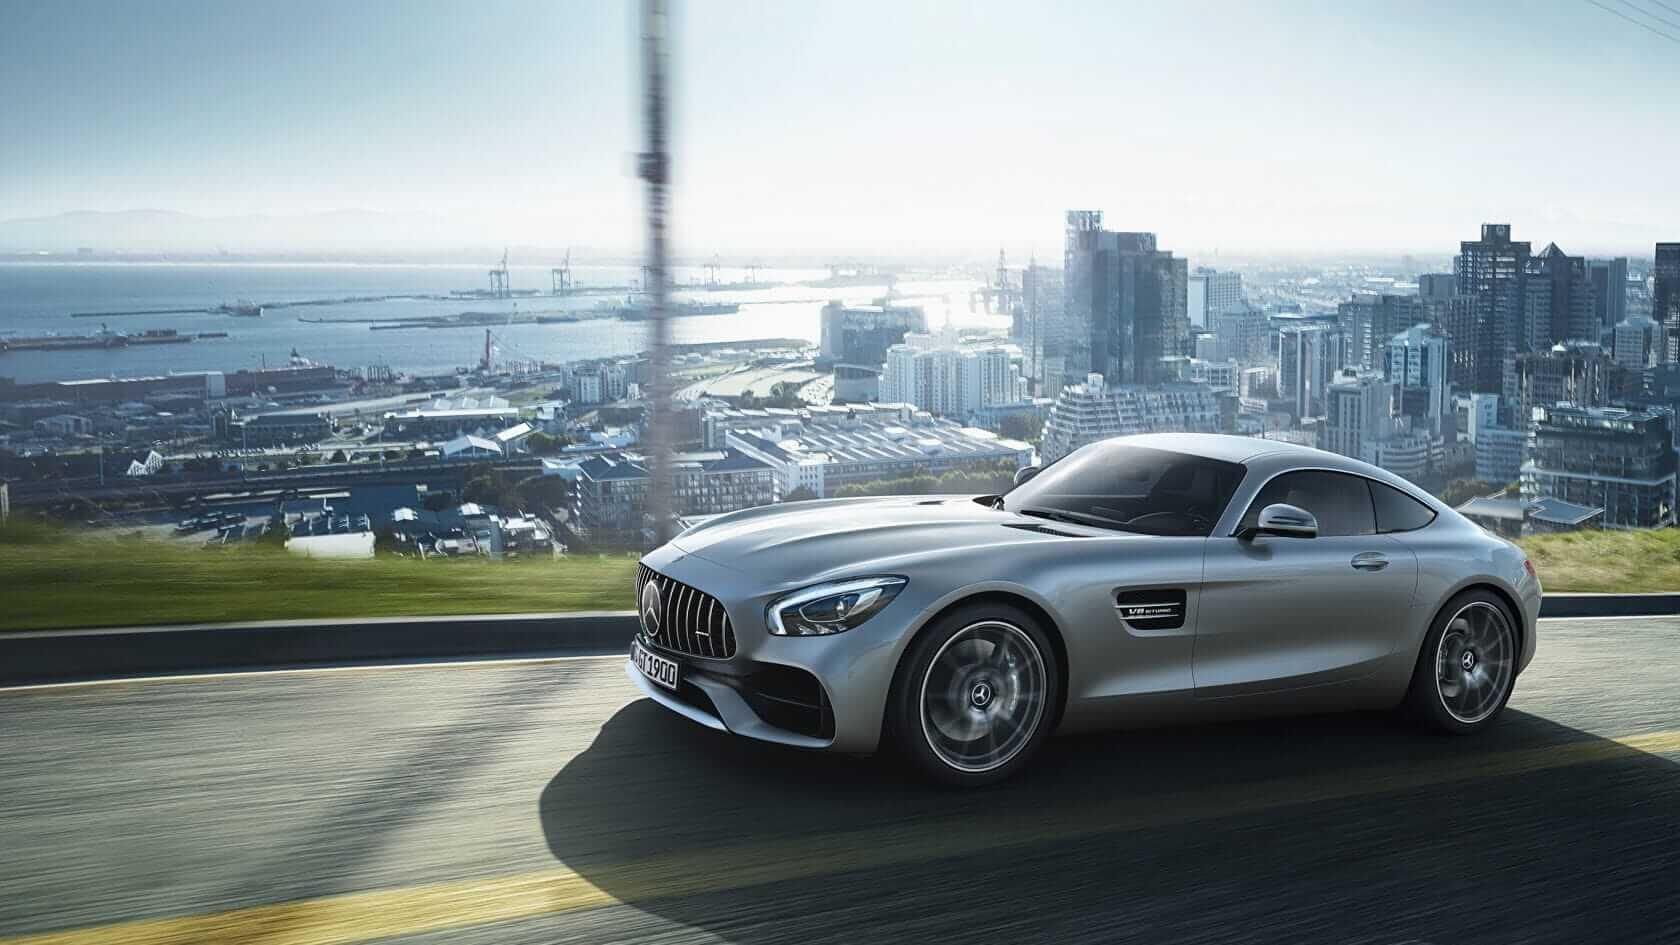 Mercedes AMG GT silver